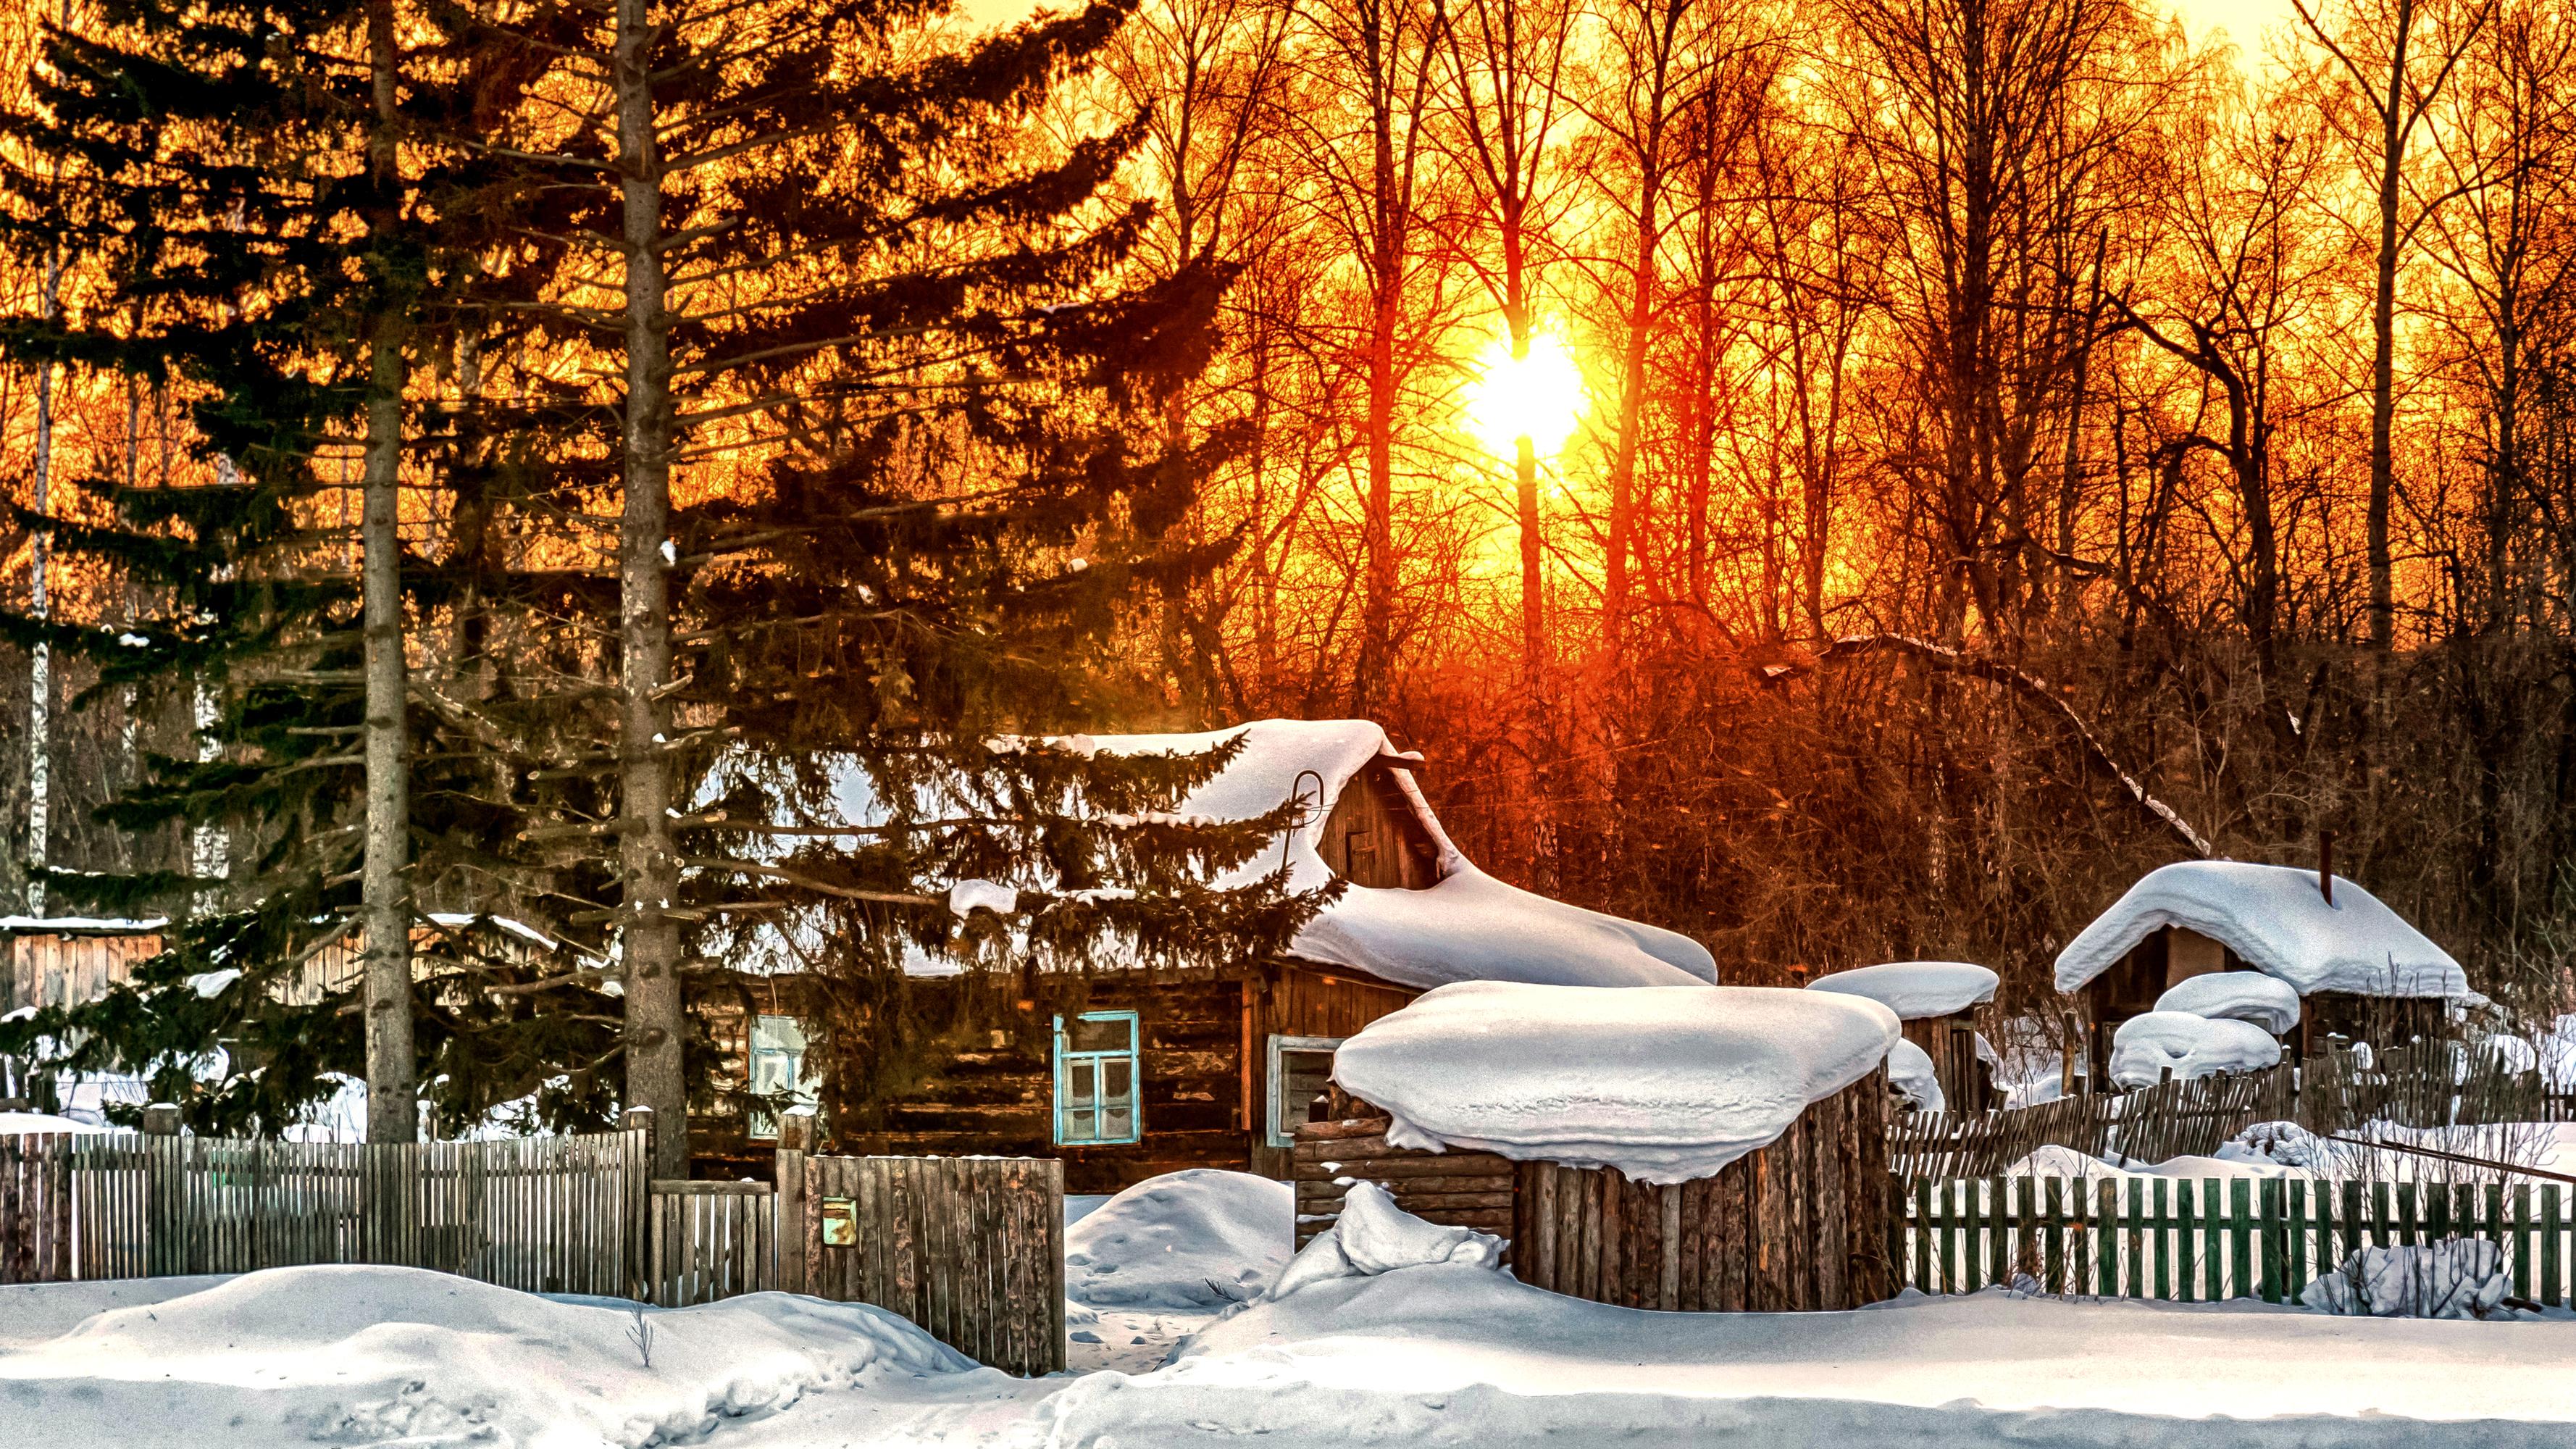 снег зима деревня рассвет  № 2479349 загрузить